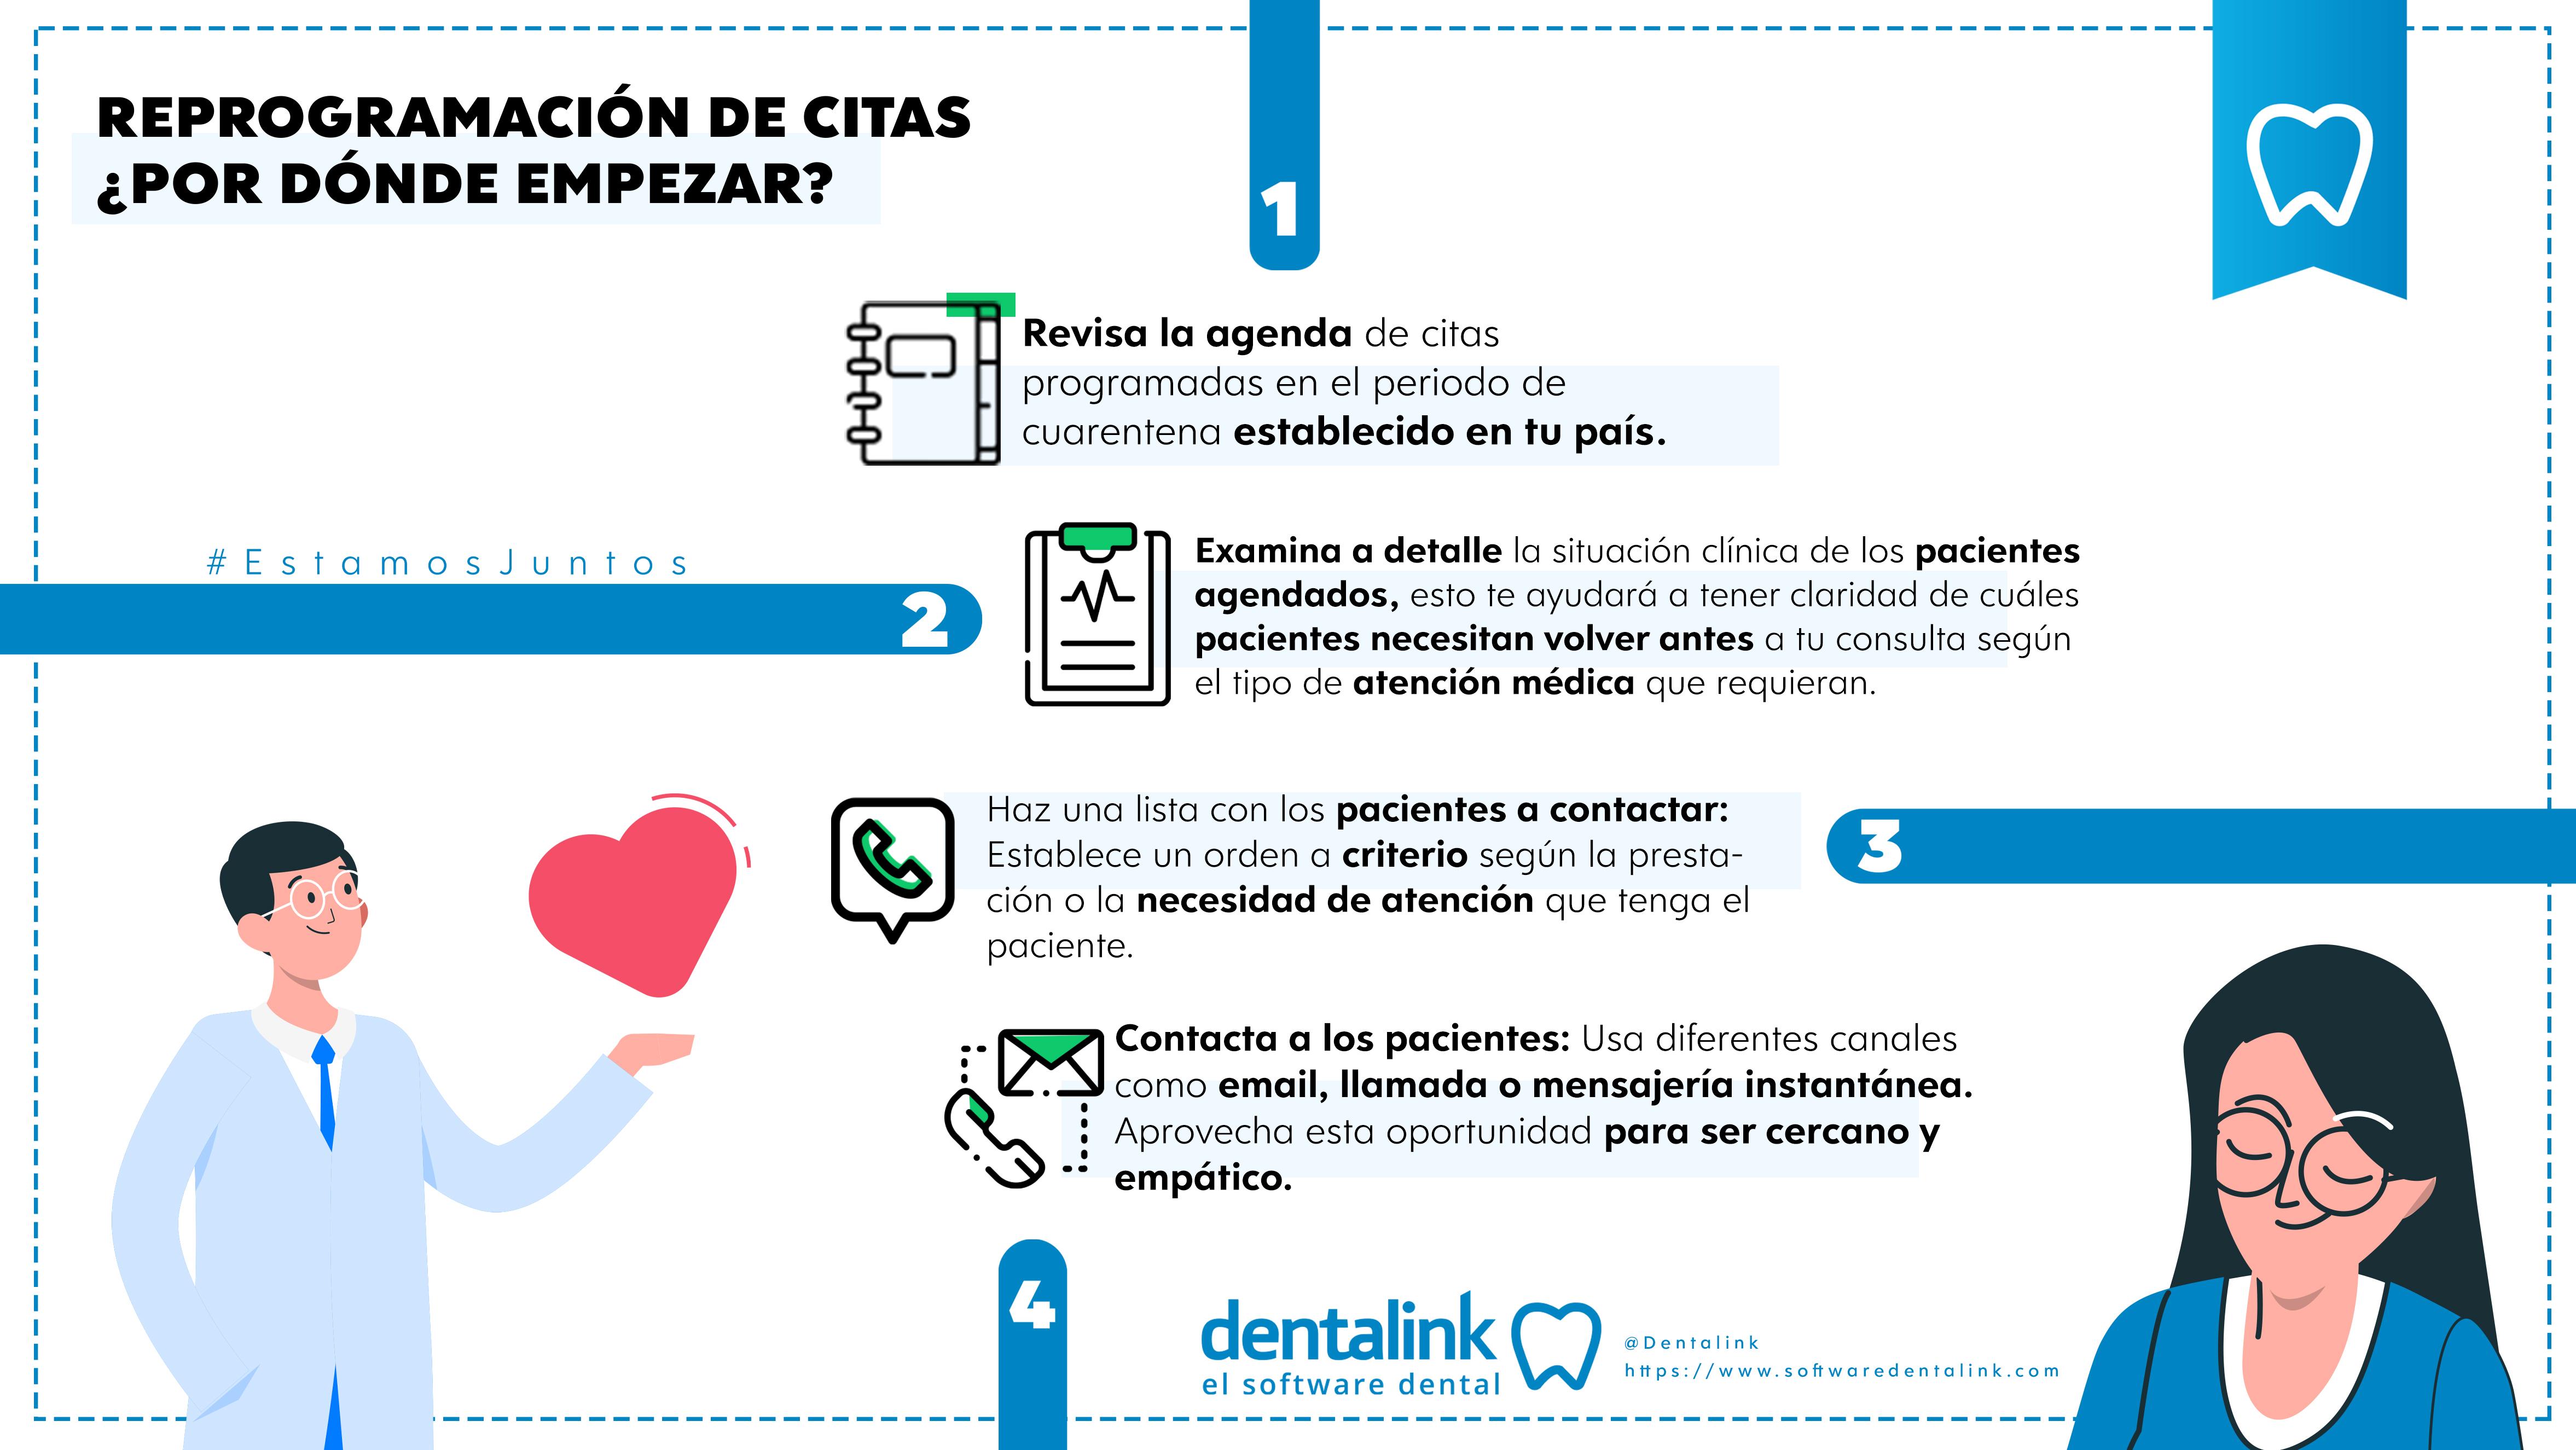 protocolo reprogramar cita dental ondontologia